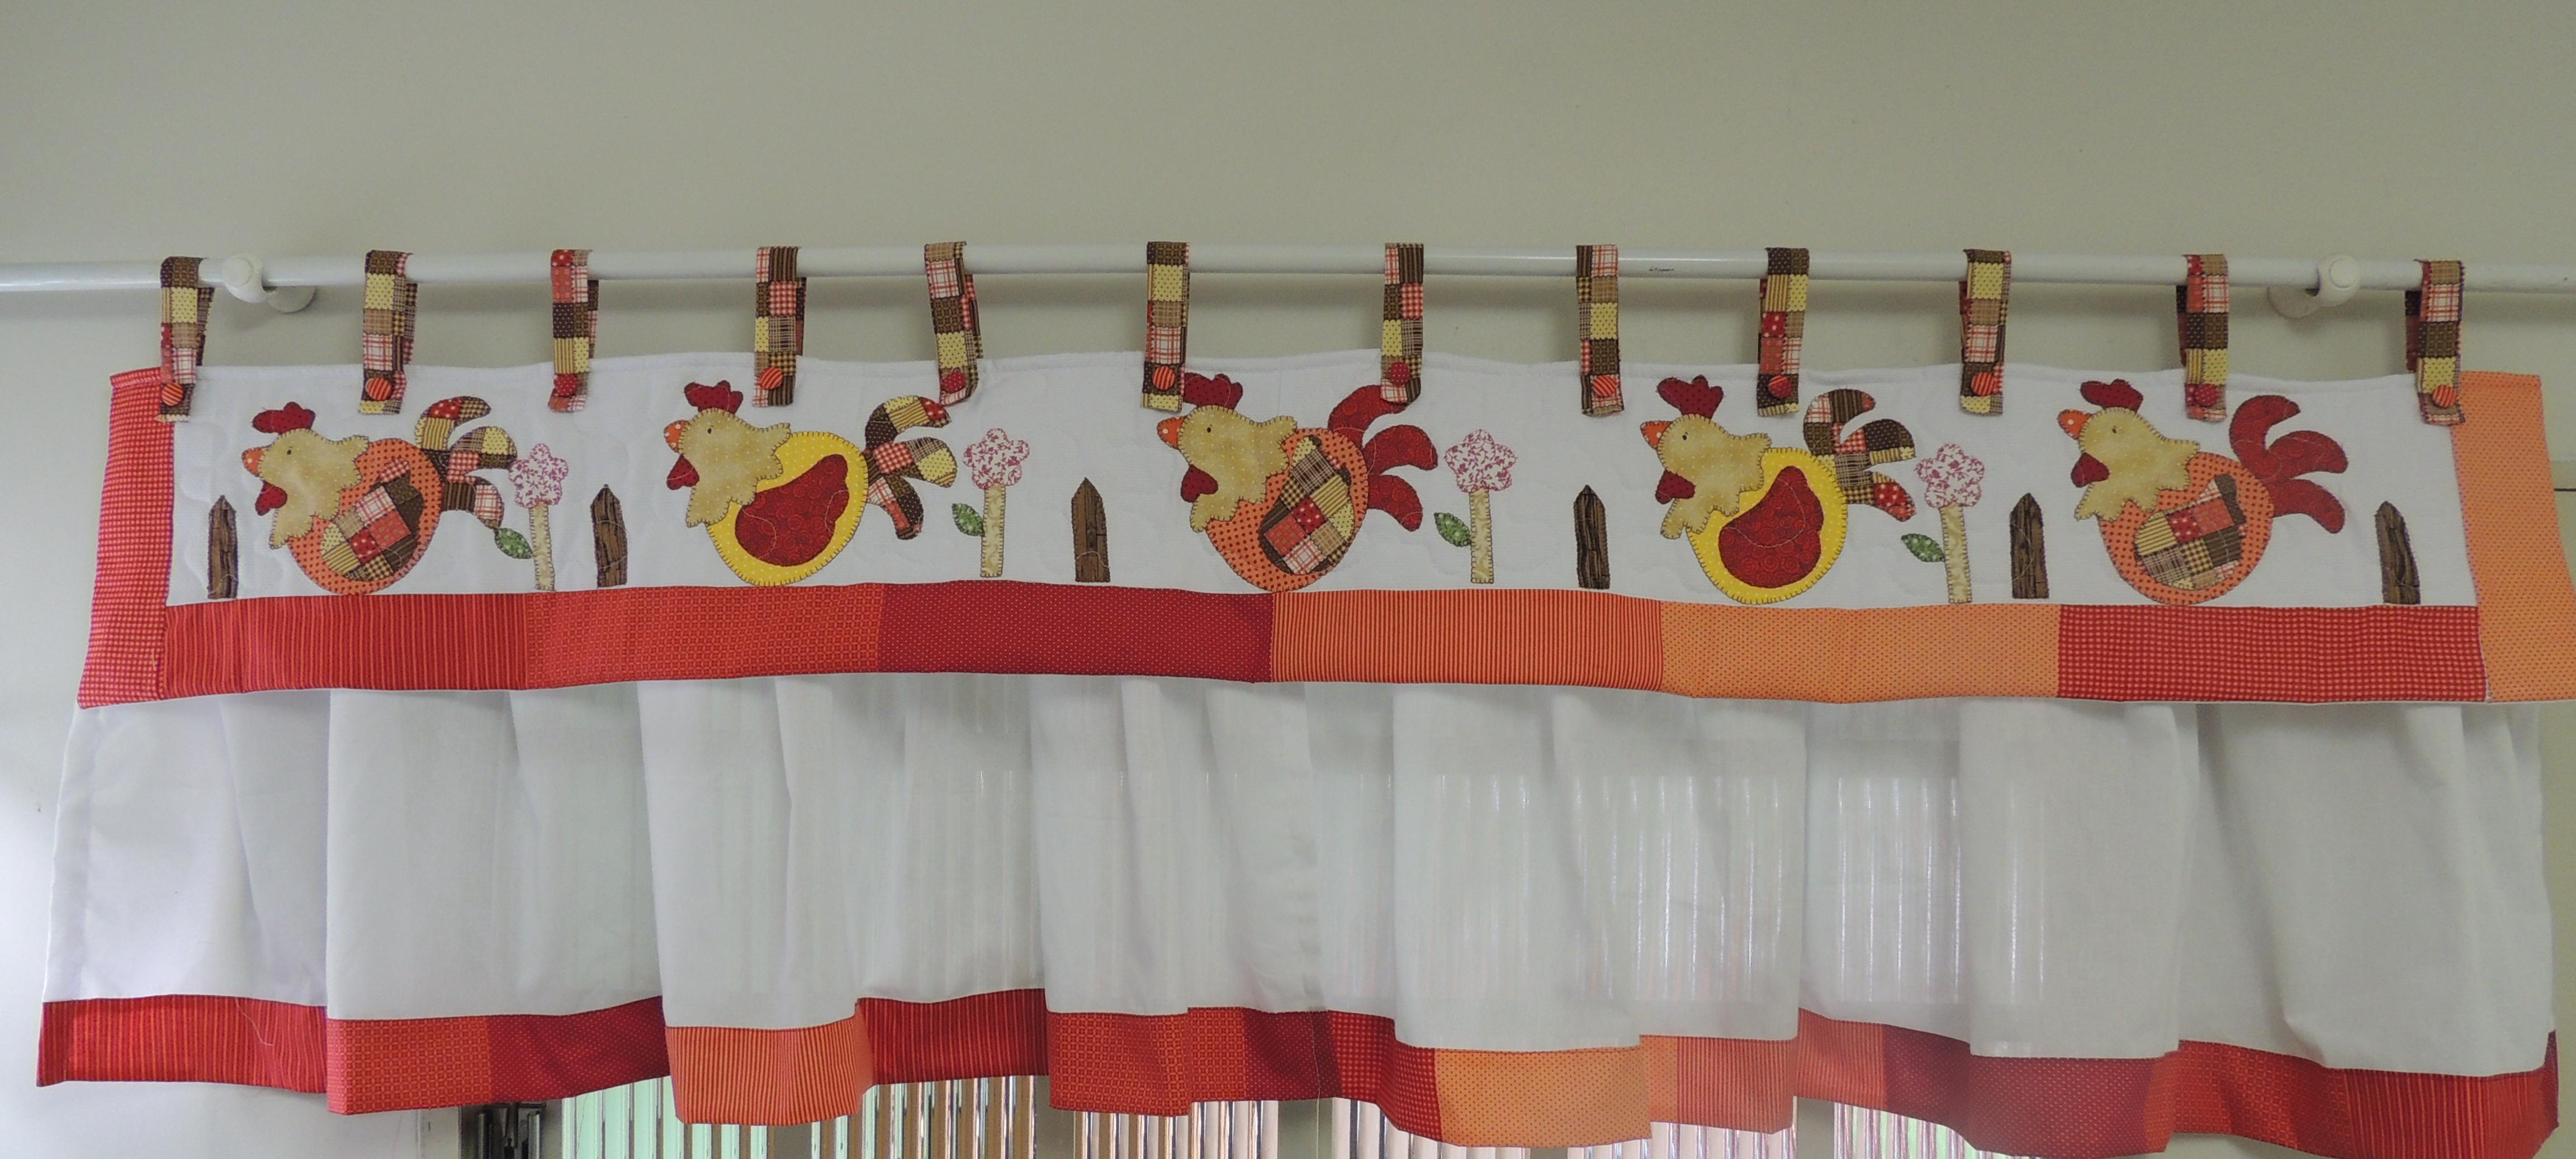 cozinha galinha patchwork bando de cozinha cortina de cozinha galinha